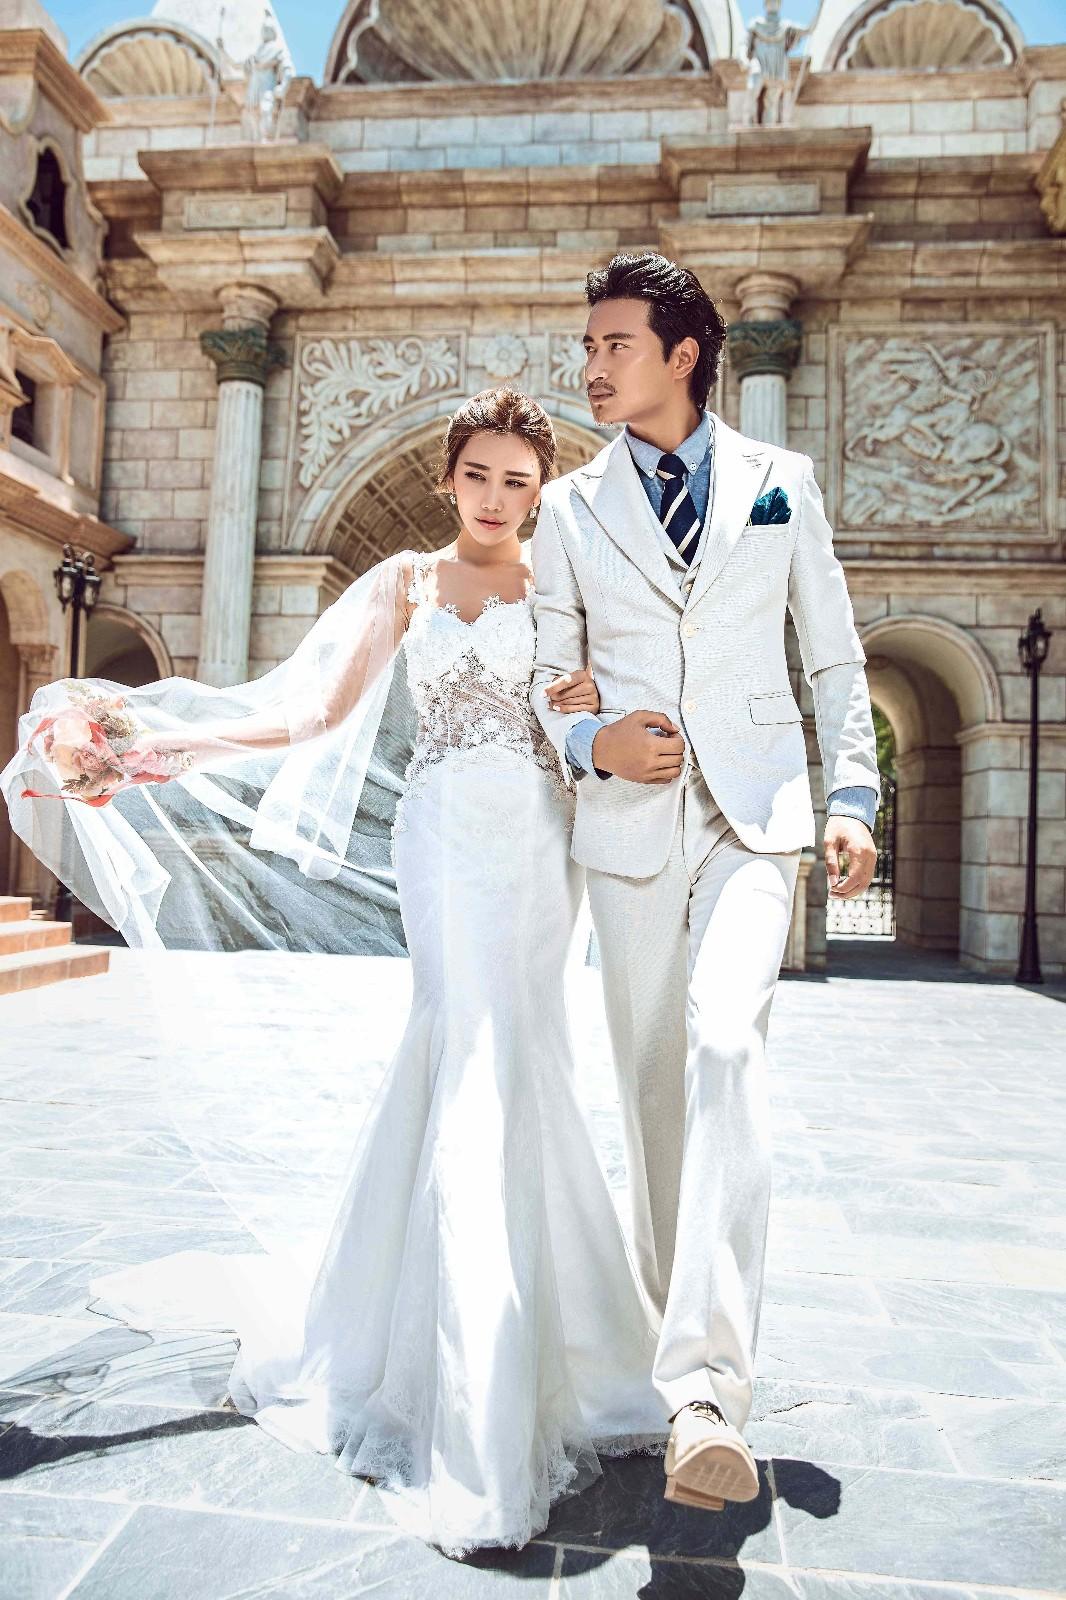 嫁女儿要准备什么嫁妆,这些嫁妆存在的意义是什么